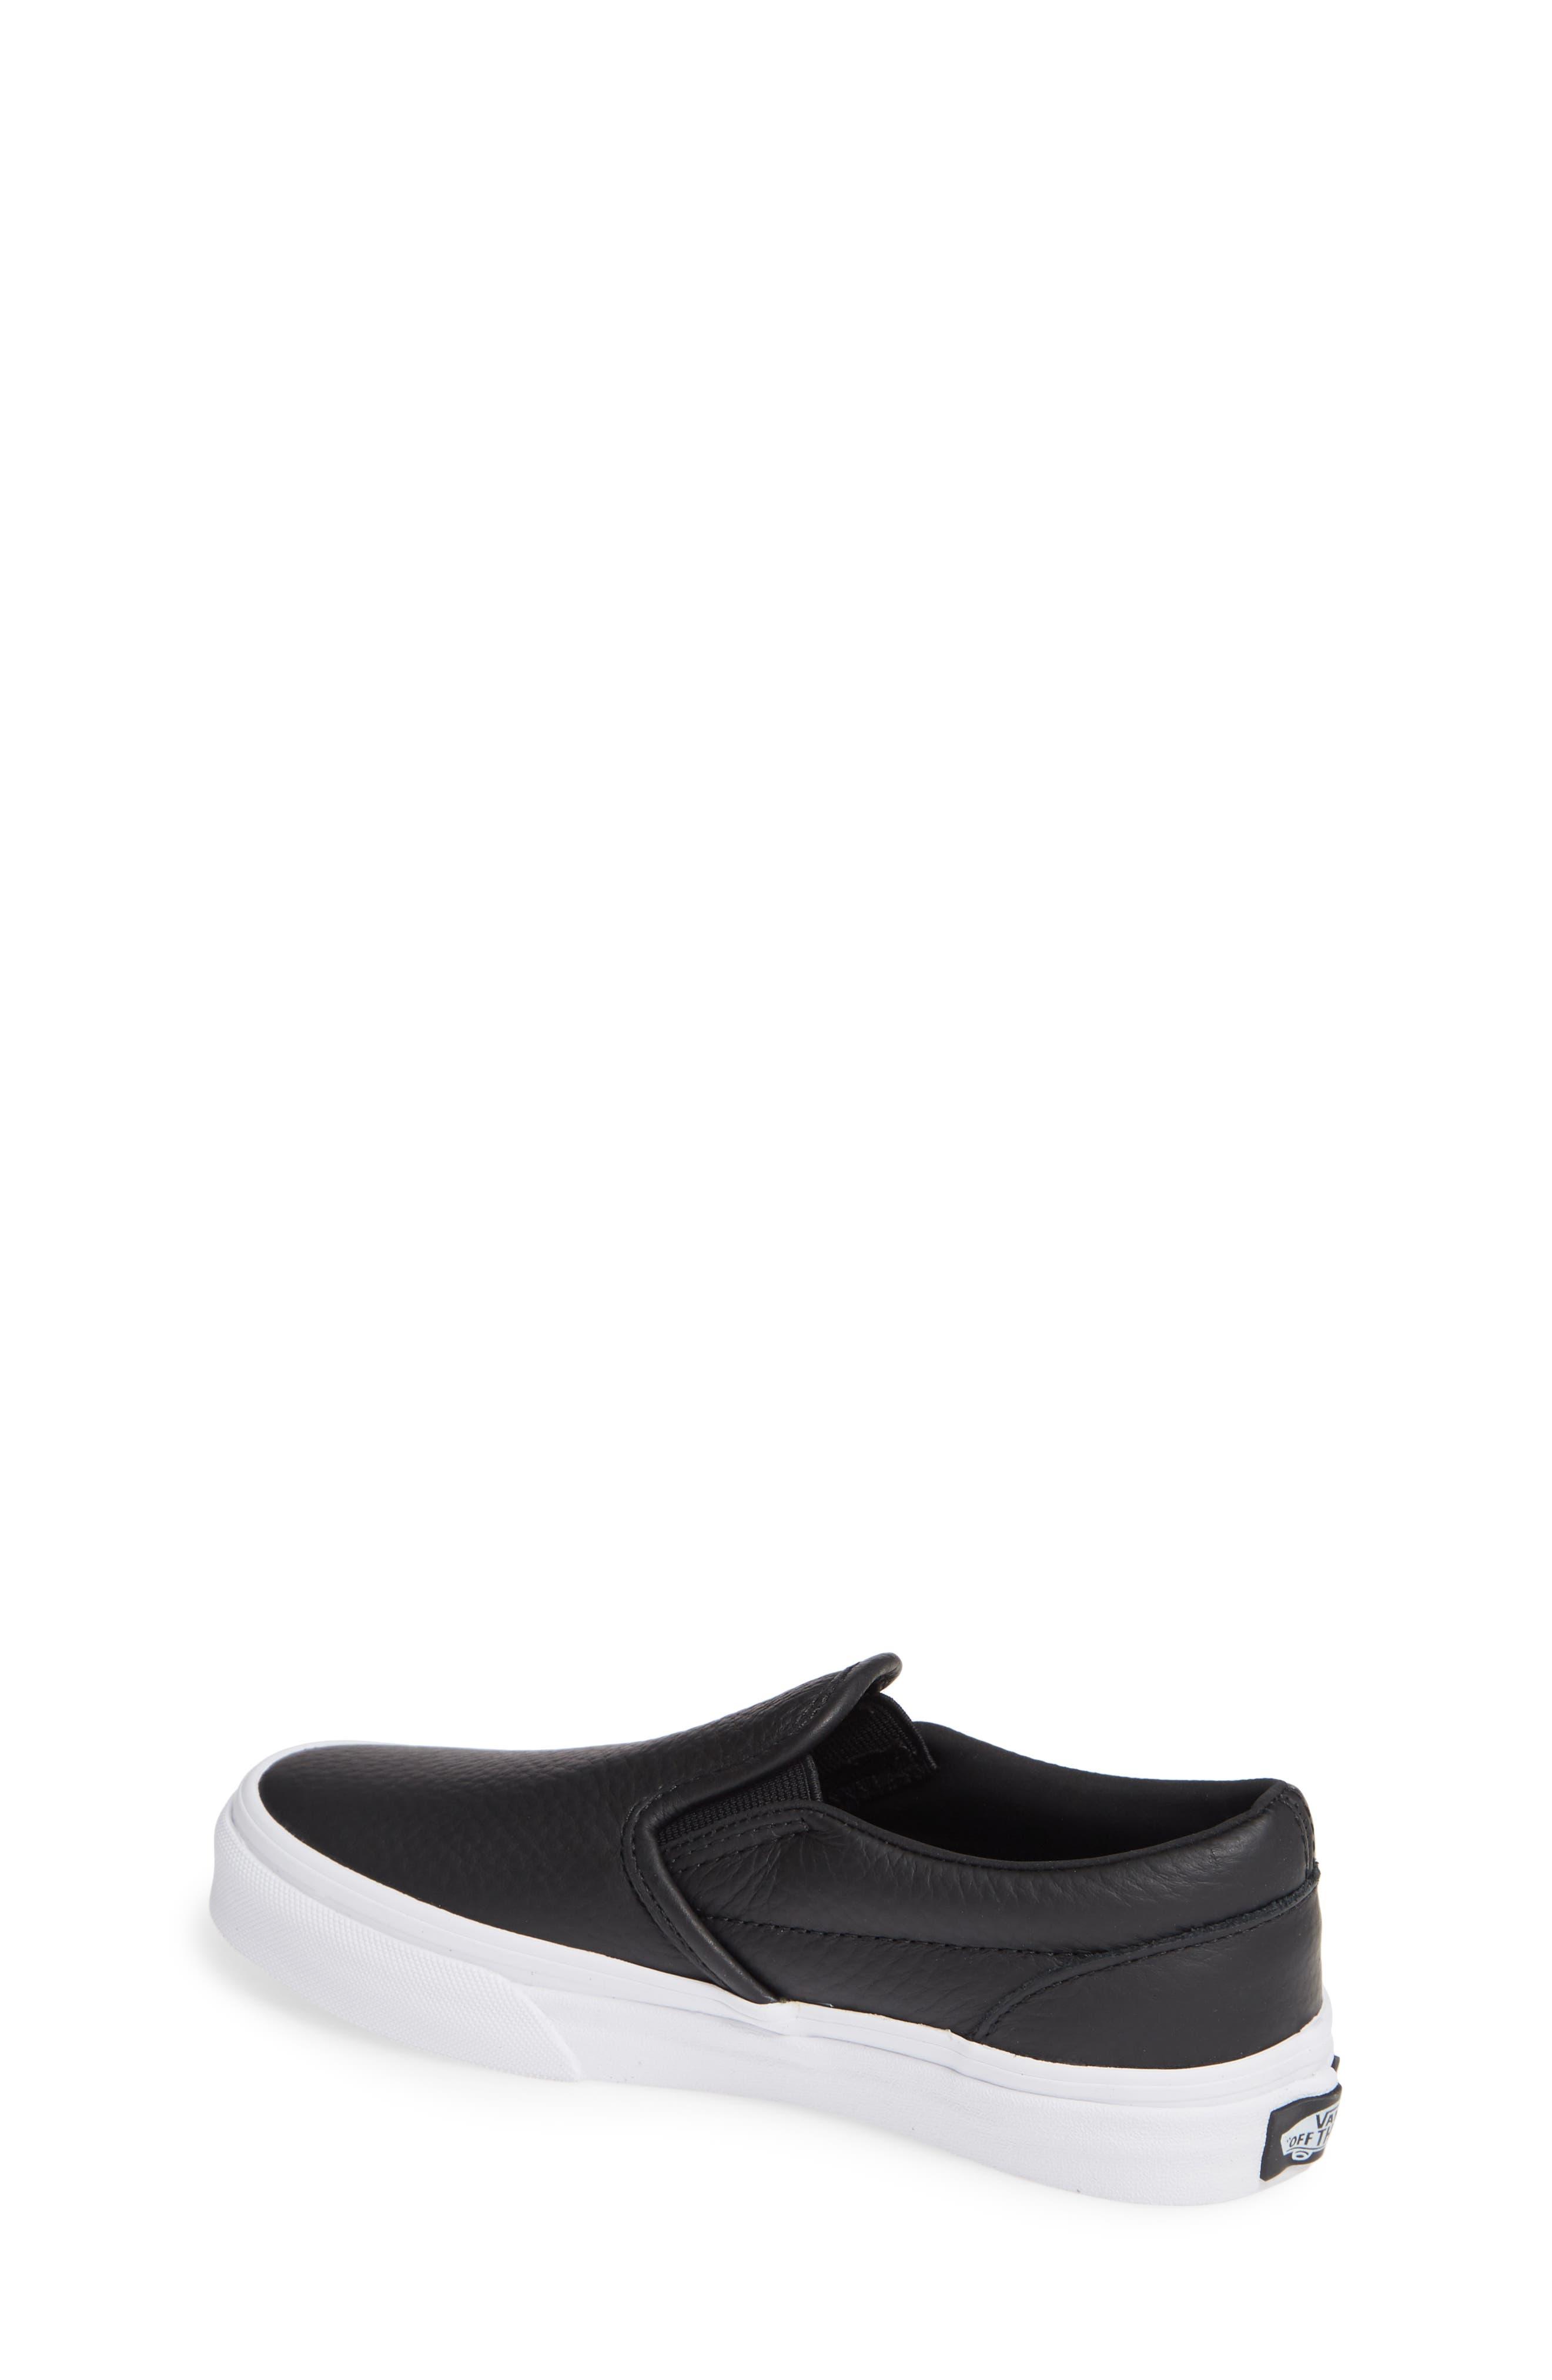 'Classic' Slip-On Sneaker,                             Alternate thumbnail 2, color,                             BLACK/ TRUE WHITE LEATHER